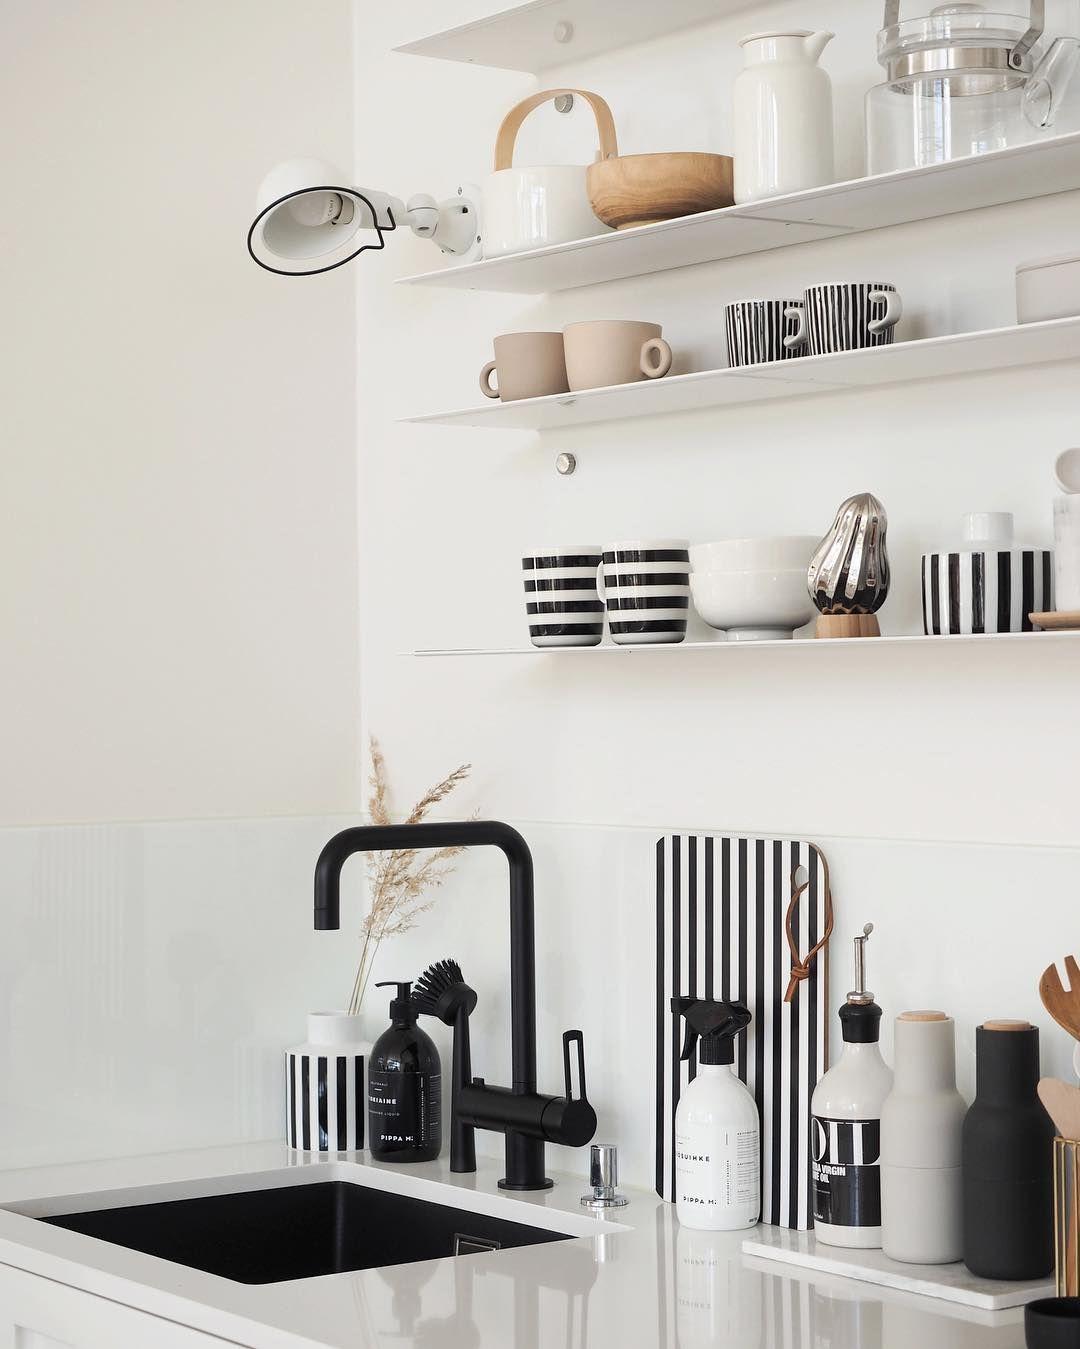 10x Keukendecoratie Ideeen Makeover Nl